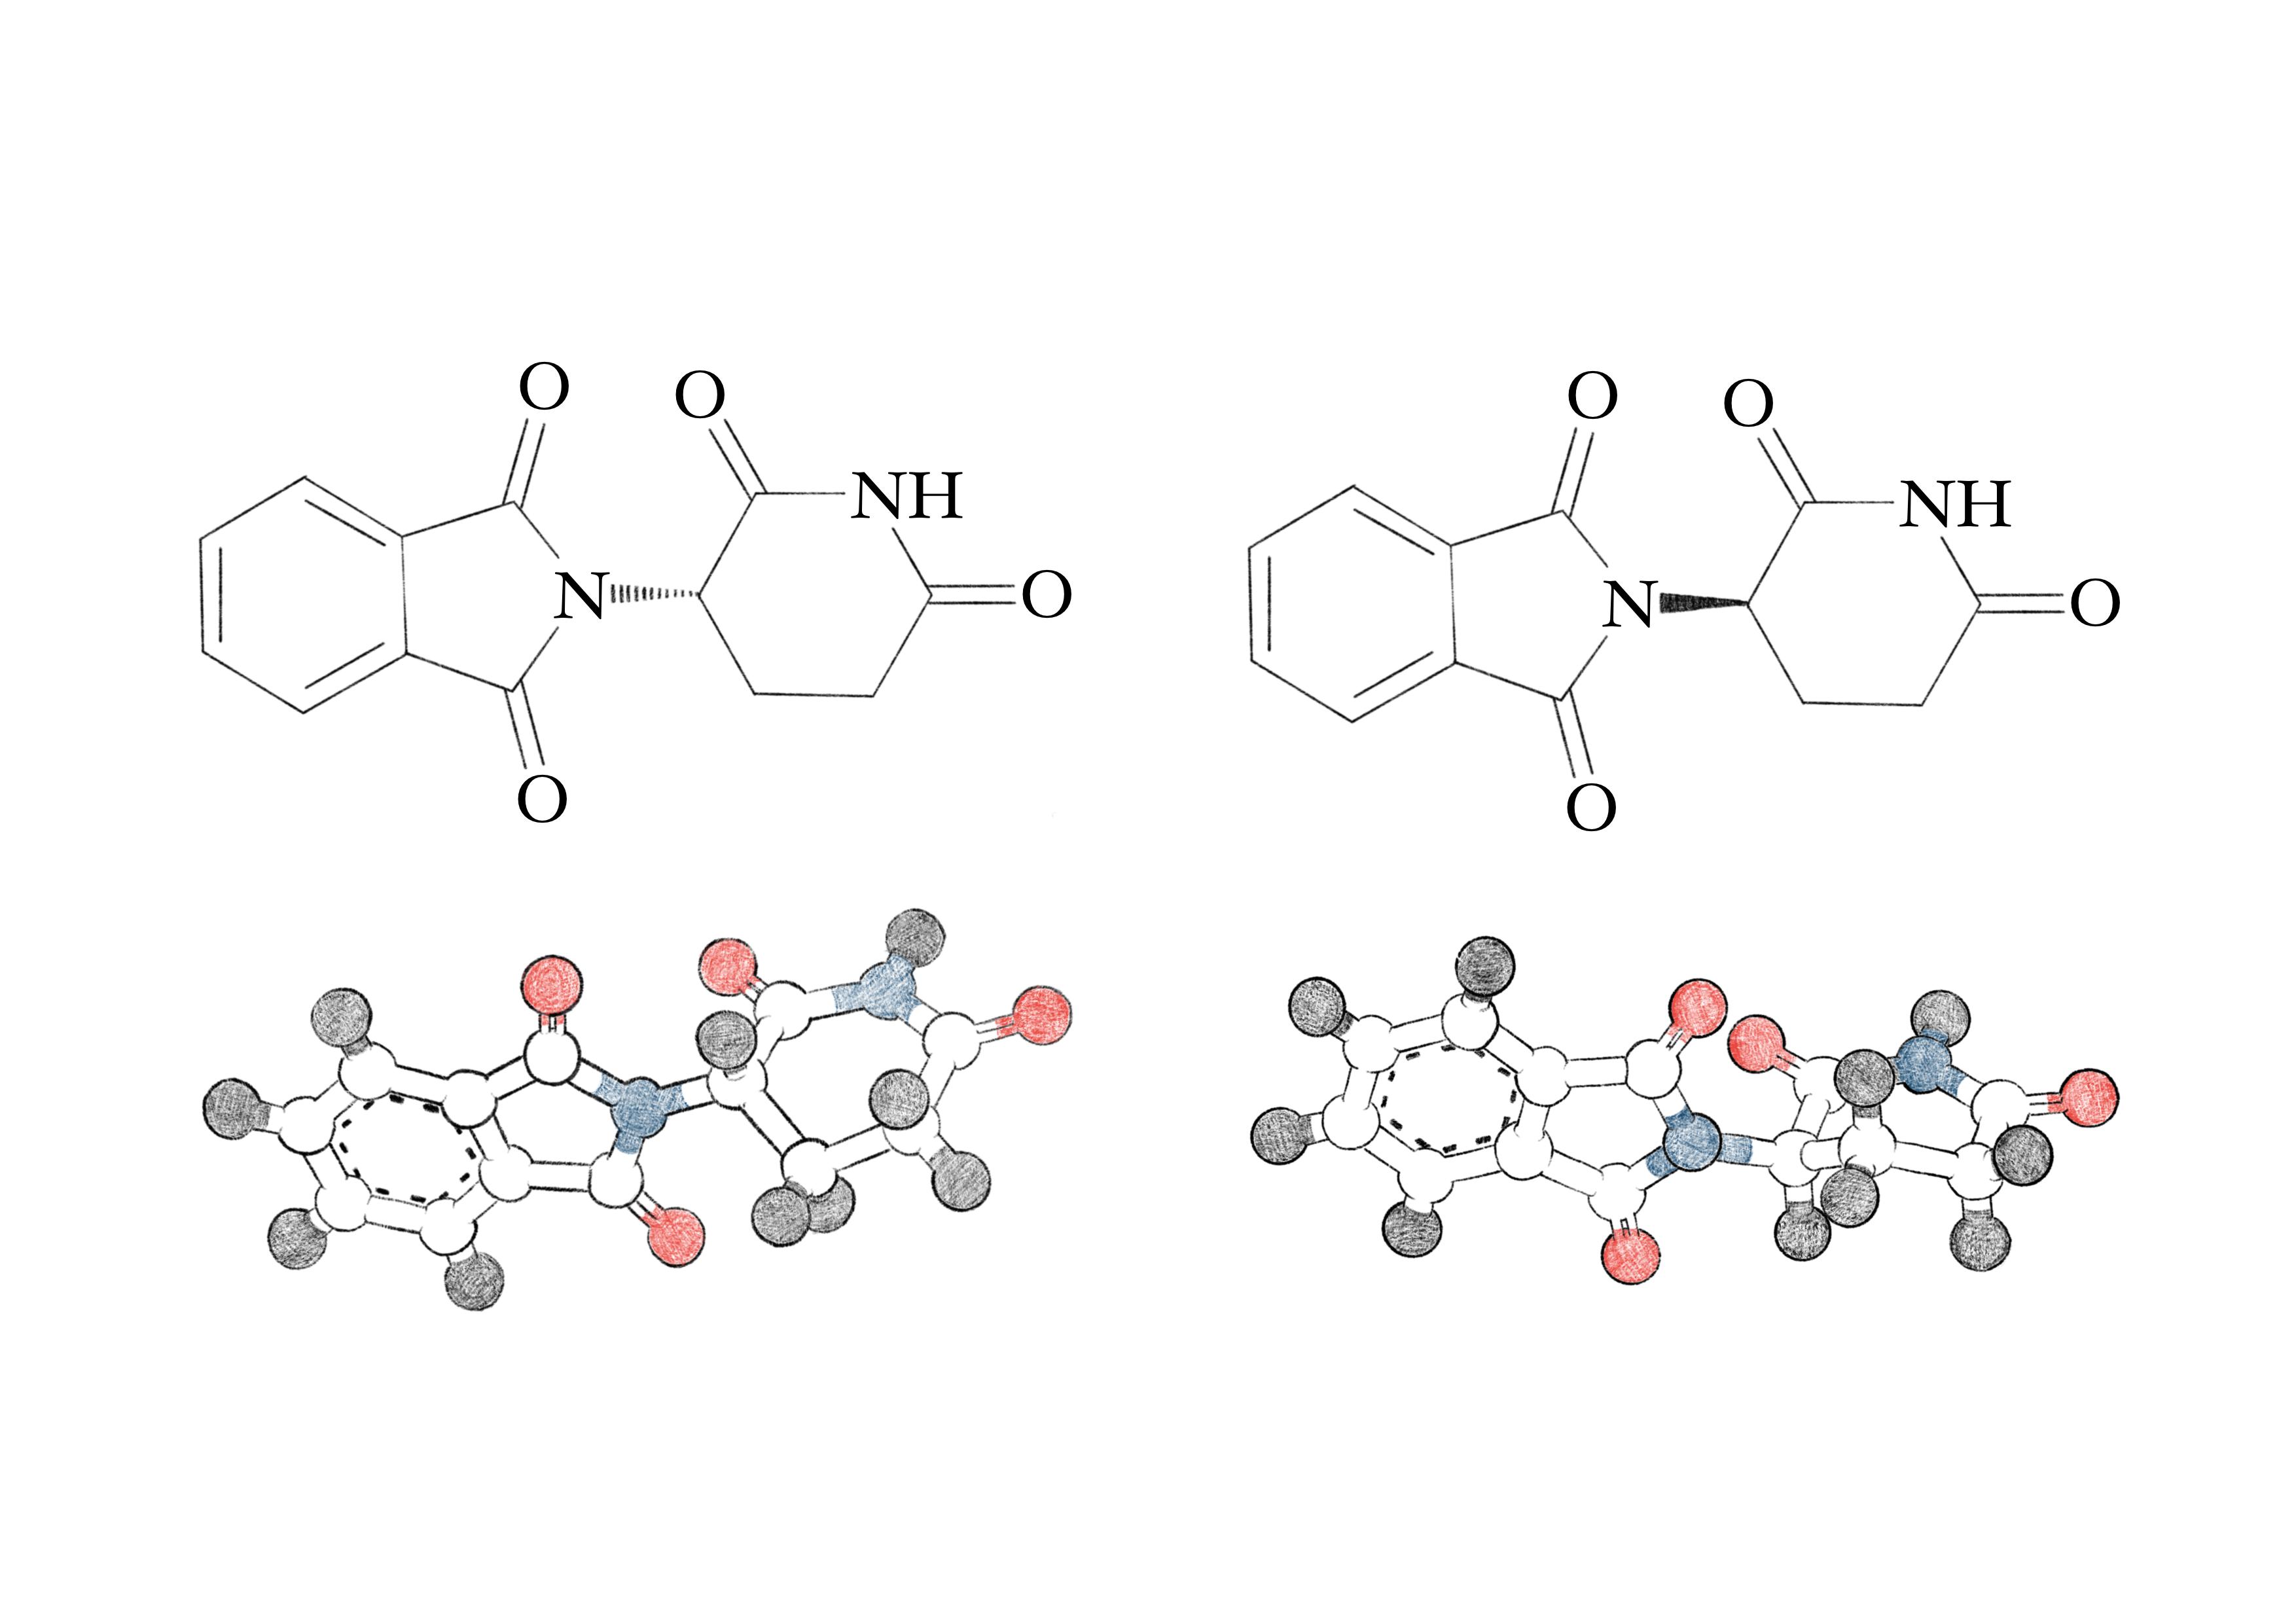 Struktur von Thalidomid